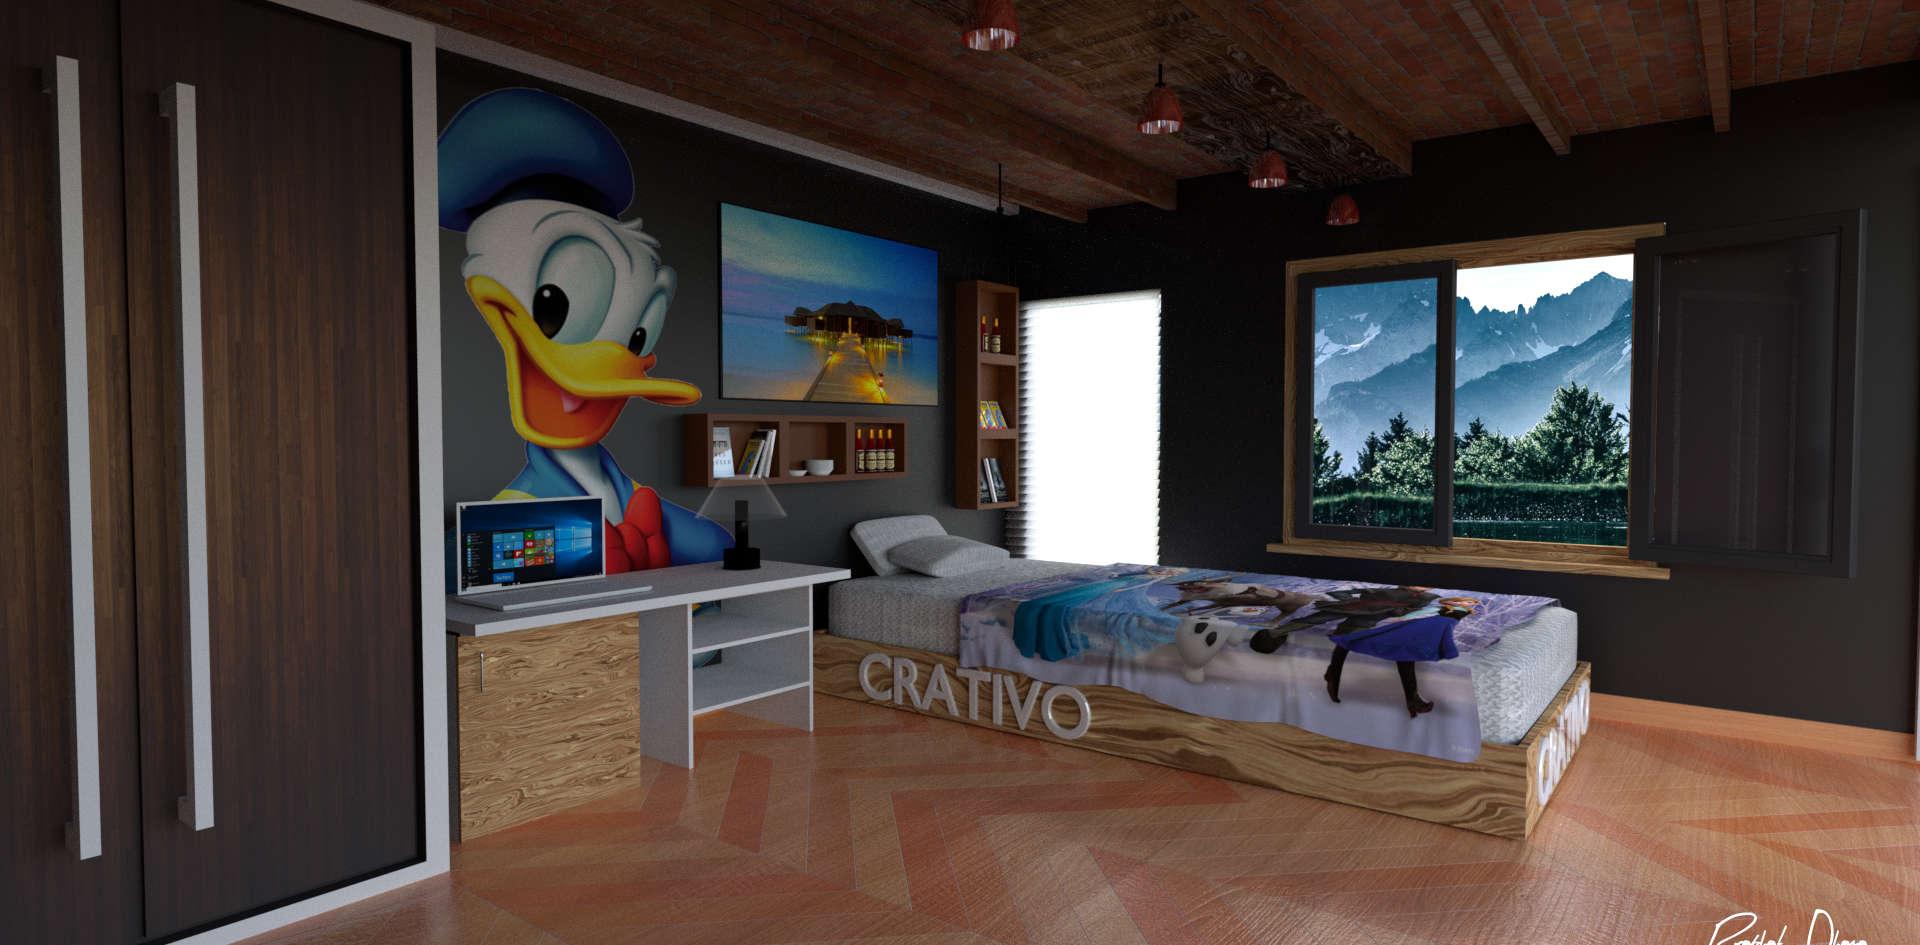 Crativo Best Interior Design